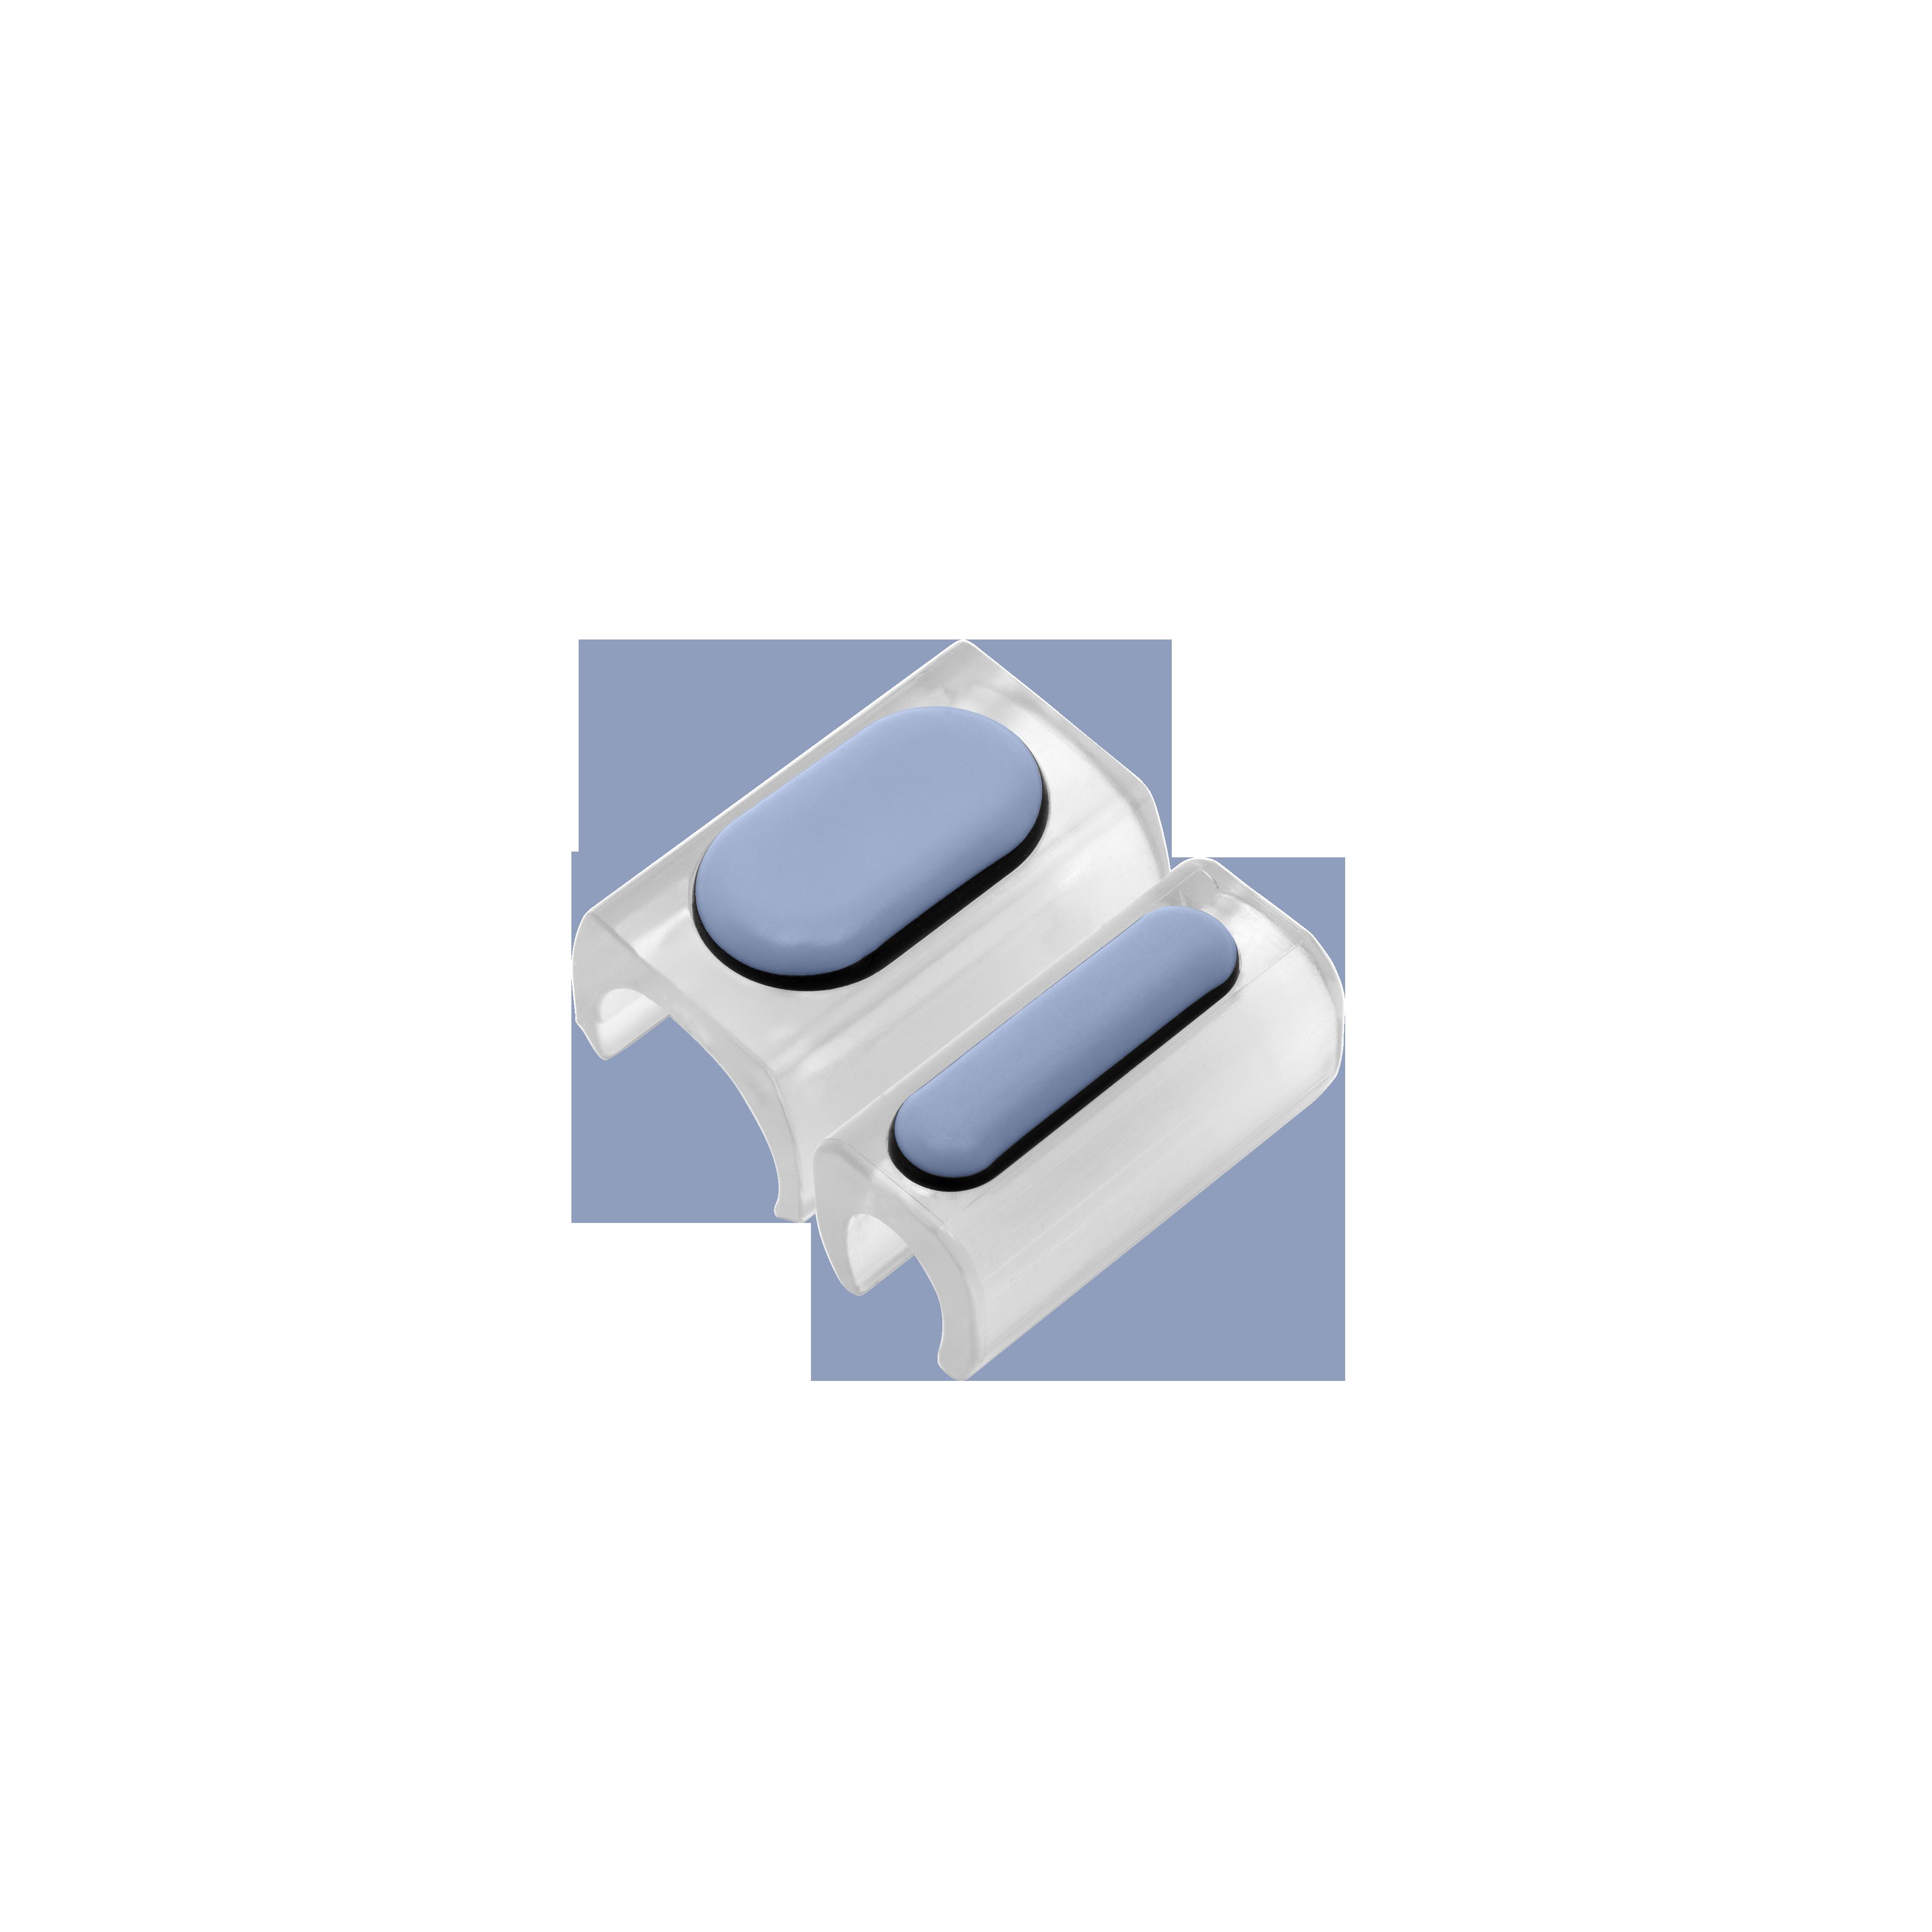 Kufengleiter mit PTFE-Gleitfläche